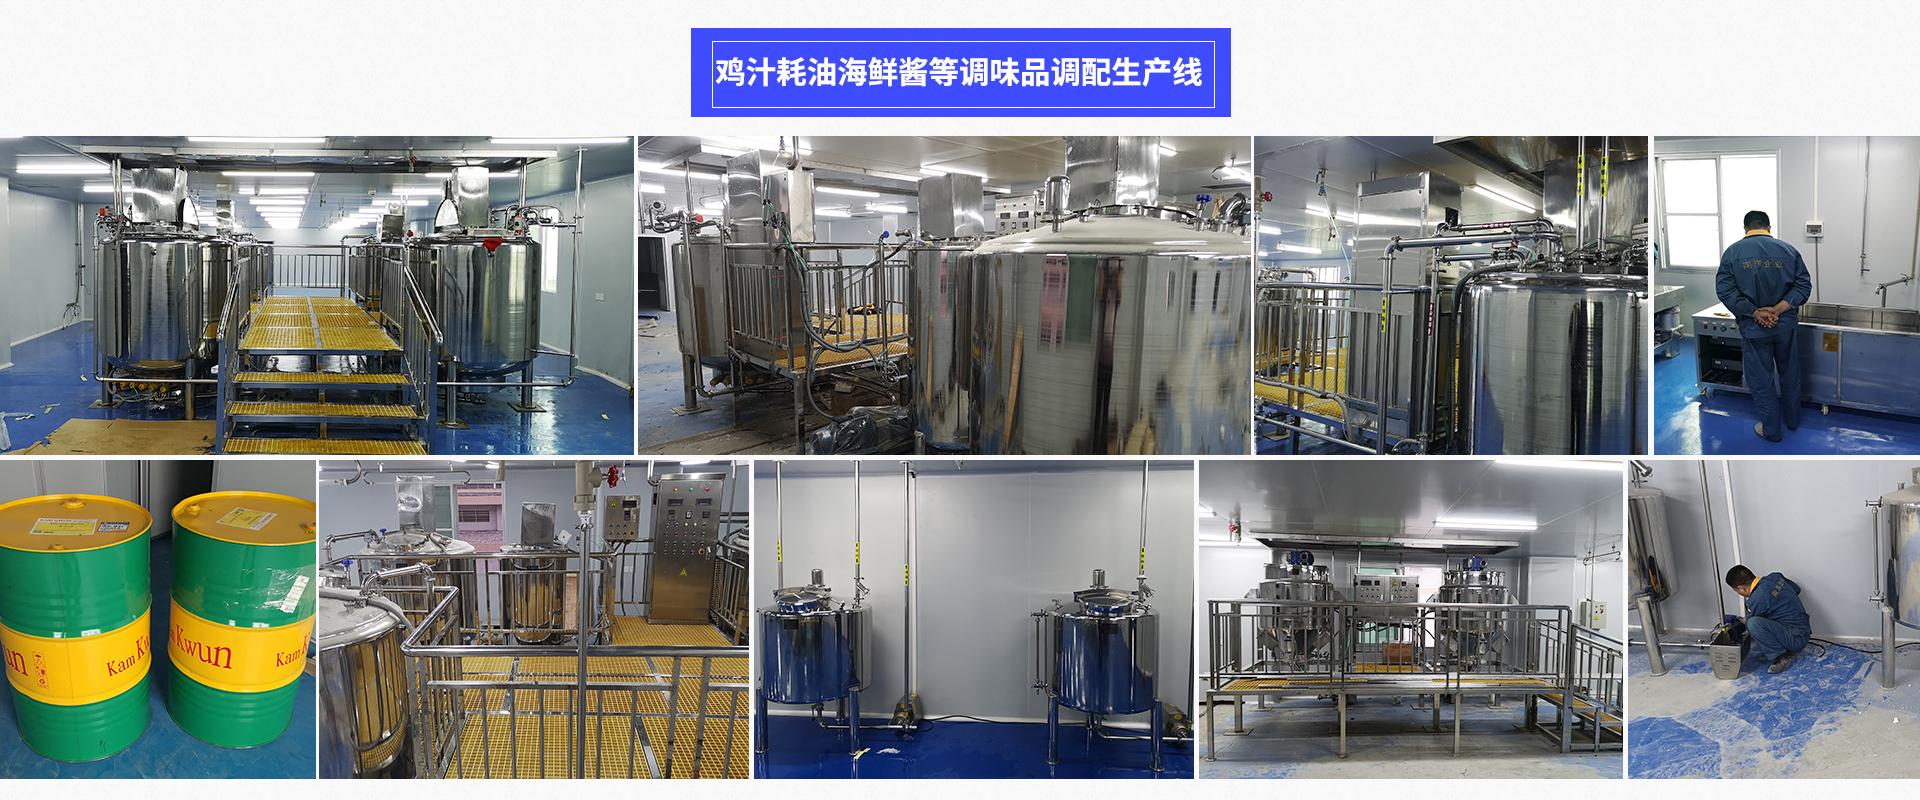 鸡汁_耗油_海鲜酱等调味品调配生产线工程案例